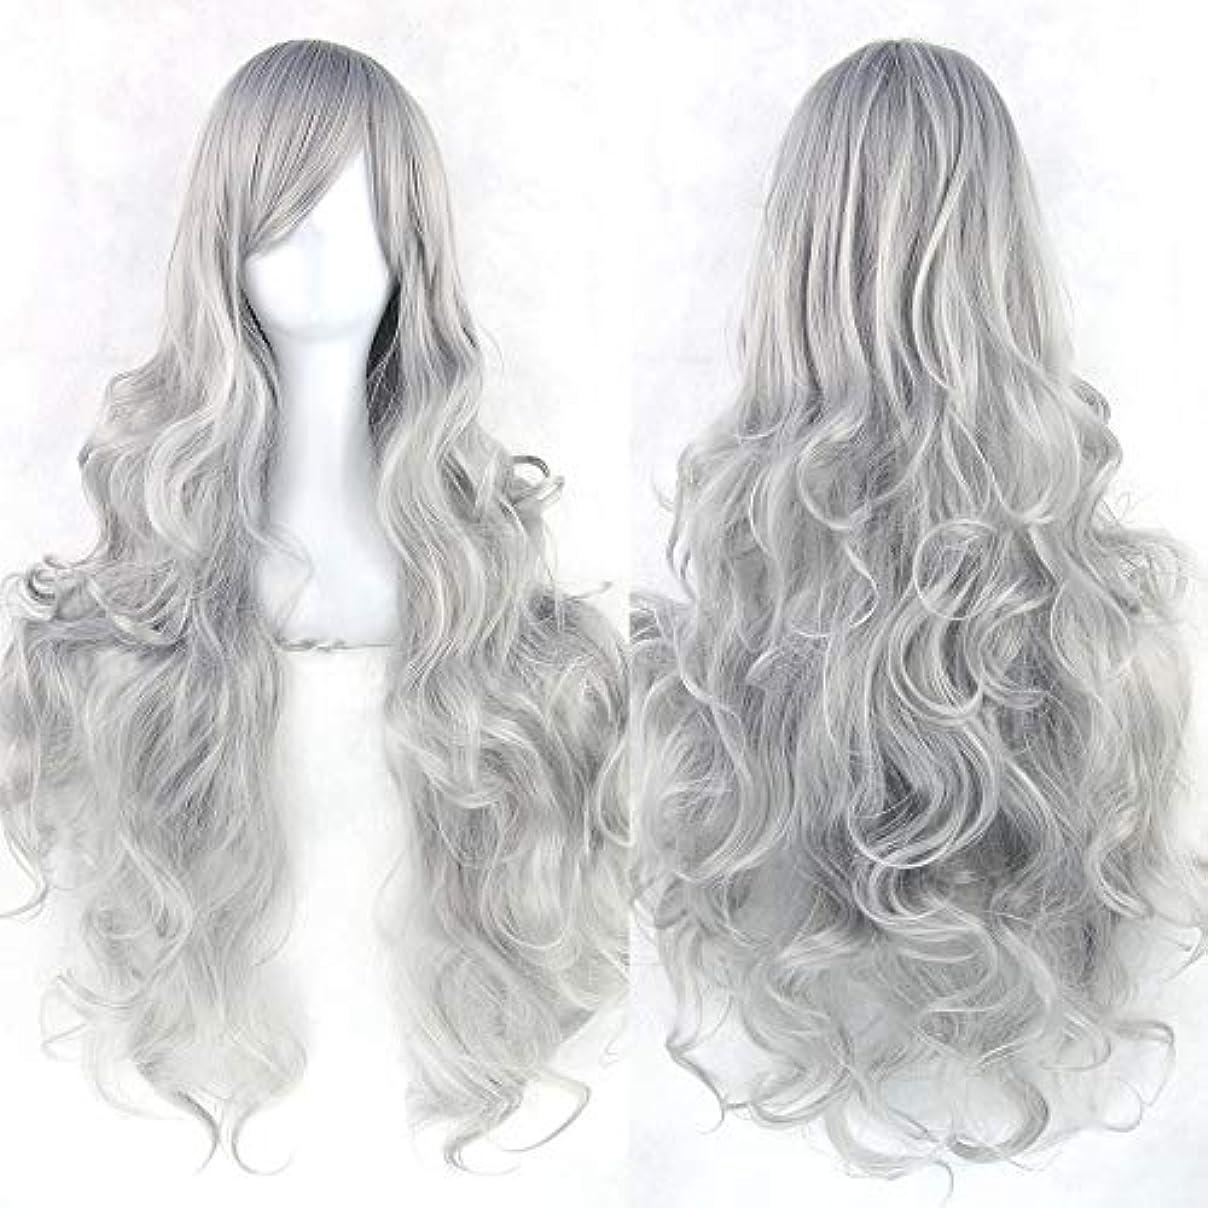 メッシュ実際メッセンジャー女性の長い巻き毛のウェーブのかかった髪のかつら31インチの人工毛のかつらサイドパーティングハロウィンコスプレ衣装アニメパーティーかつら (Color : Silver gray)